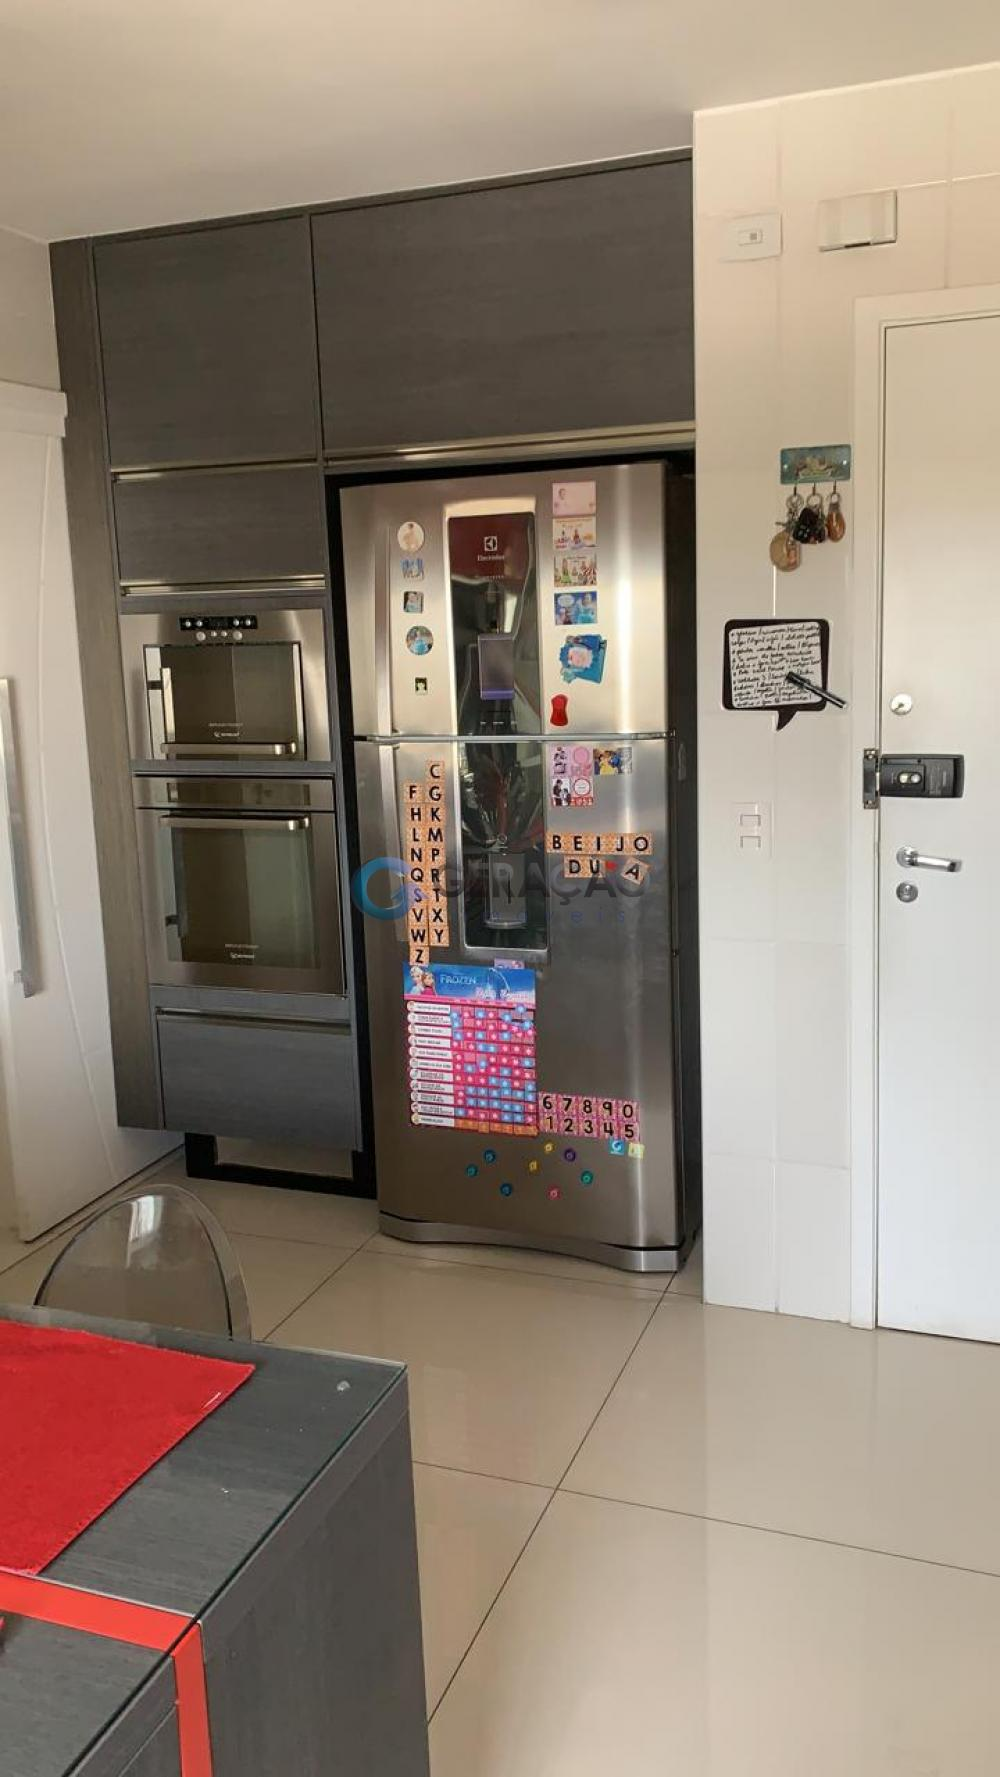 Comprar Apartamento / Padrão em São José dos Campos apenas R$ 990.000,00 - Foto 5